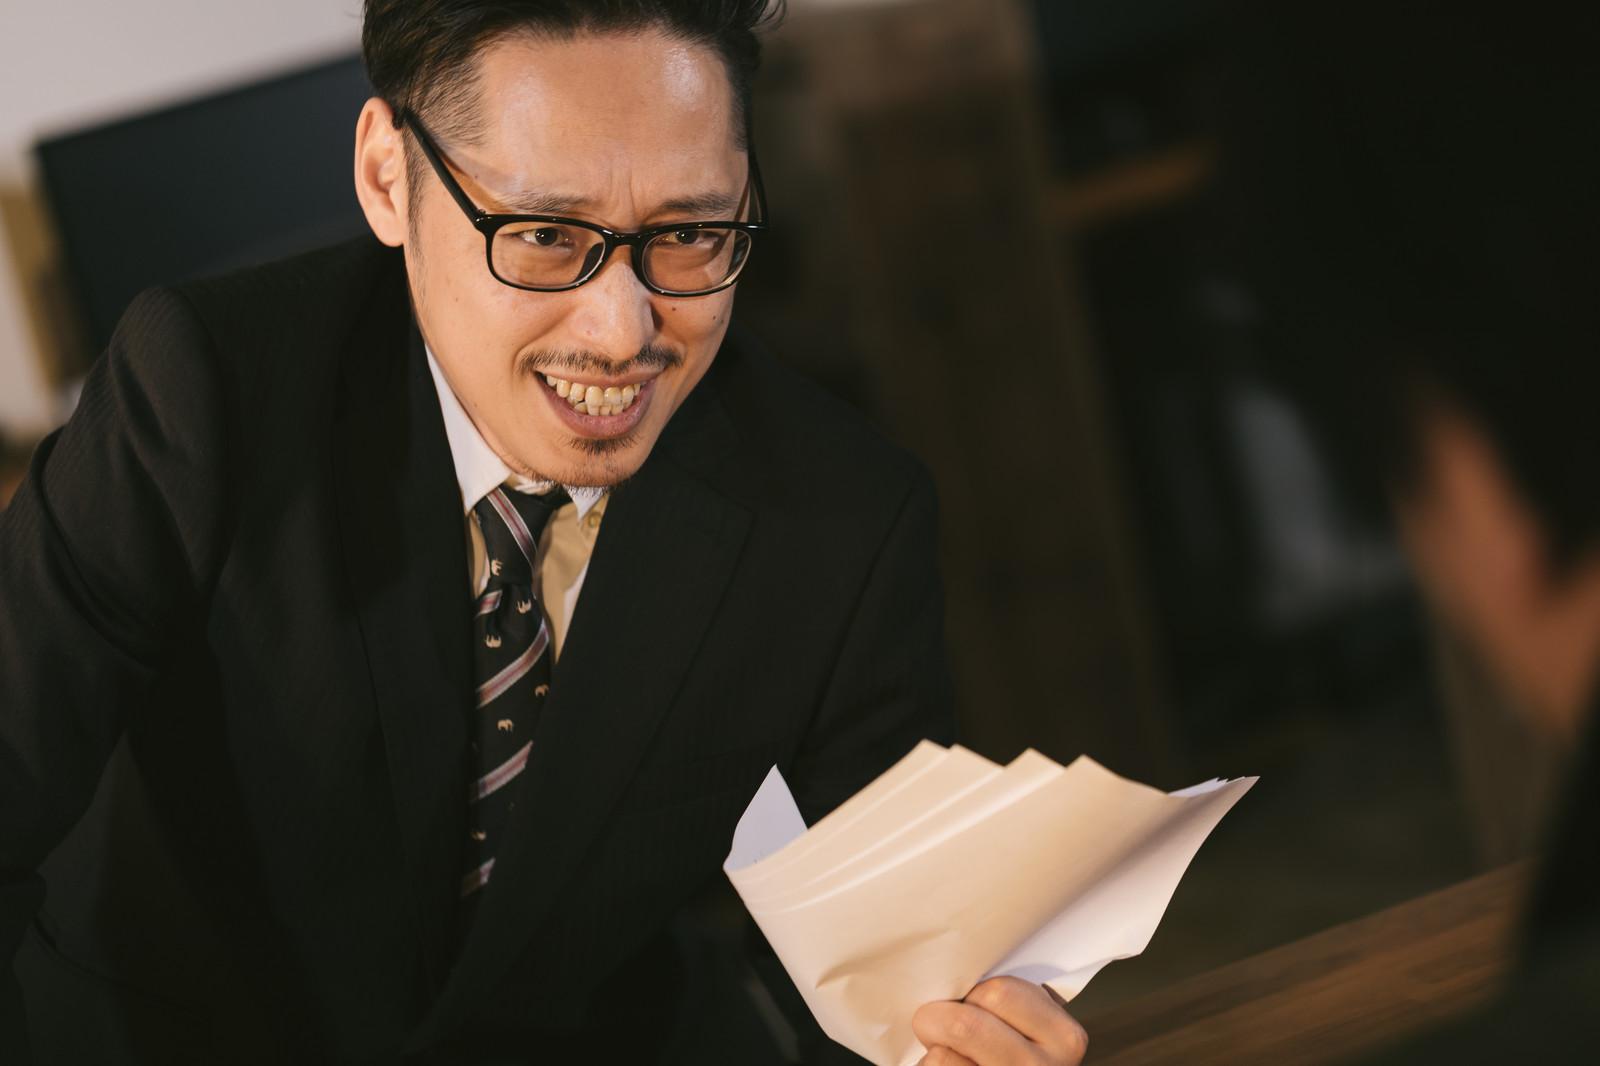 【大崎大地】の詐欺被害にあった人が20人以上いる